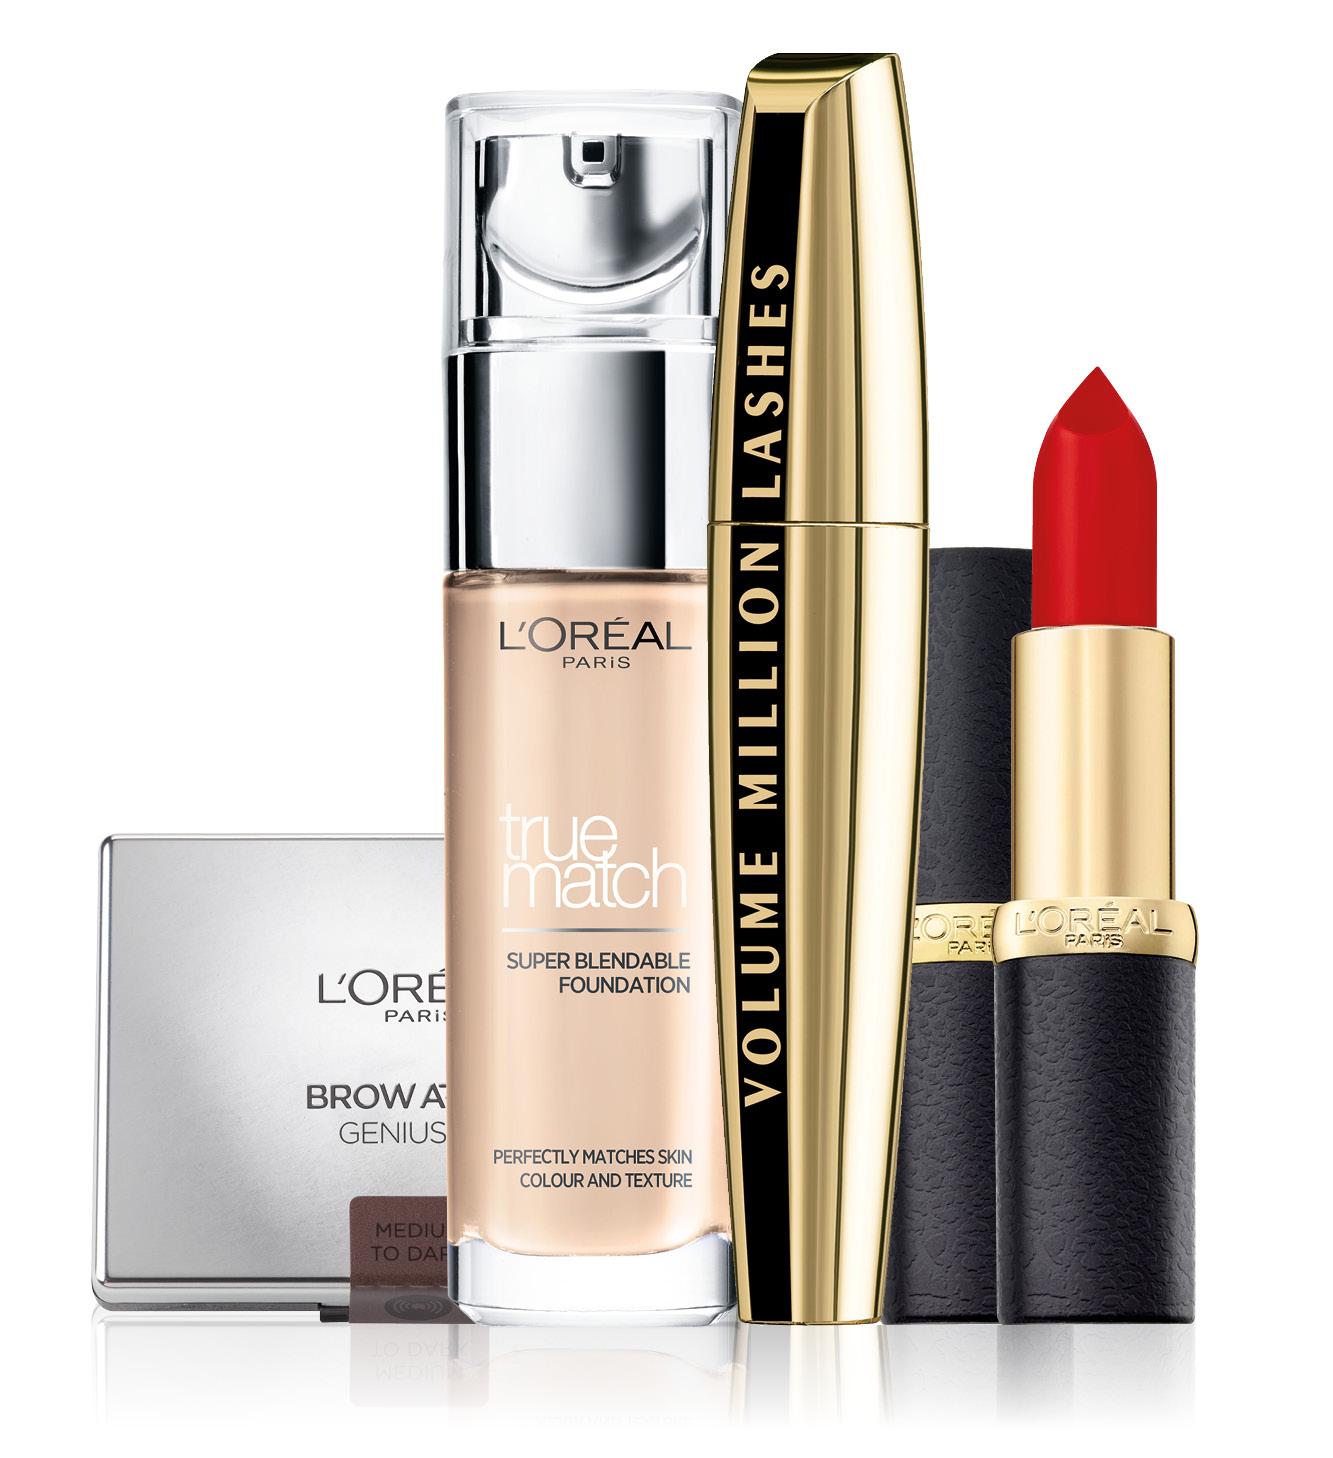 L'Oréal Paris Засоби для макіяжу